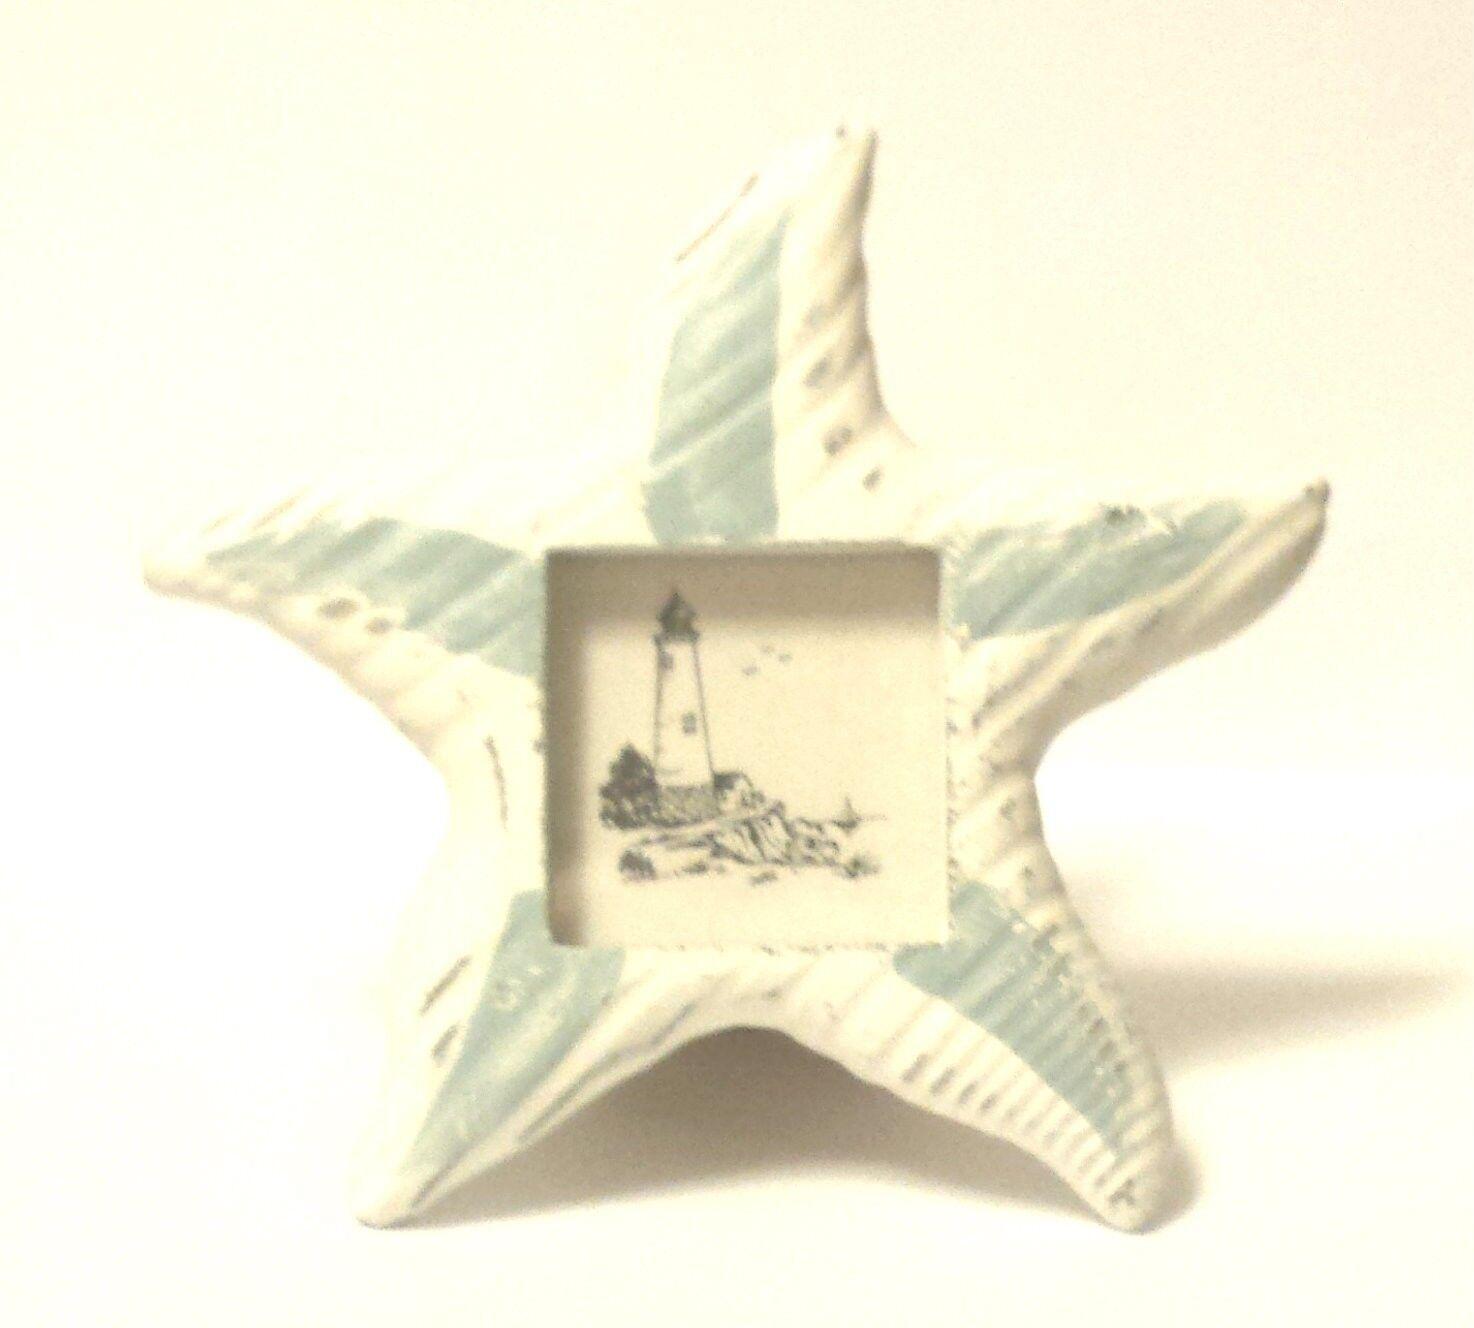 24 petits en bois étoile de mer cadres photo Bridal Shower Mariage faveurs